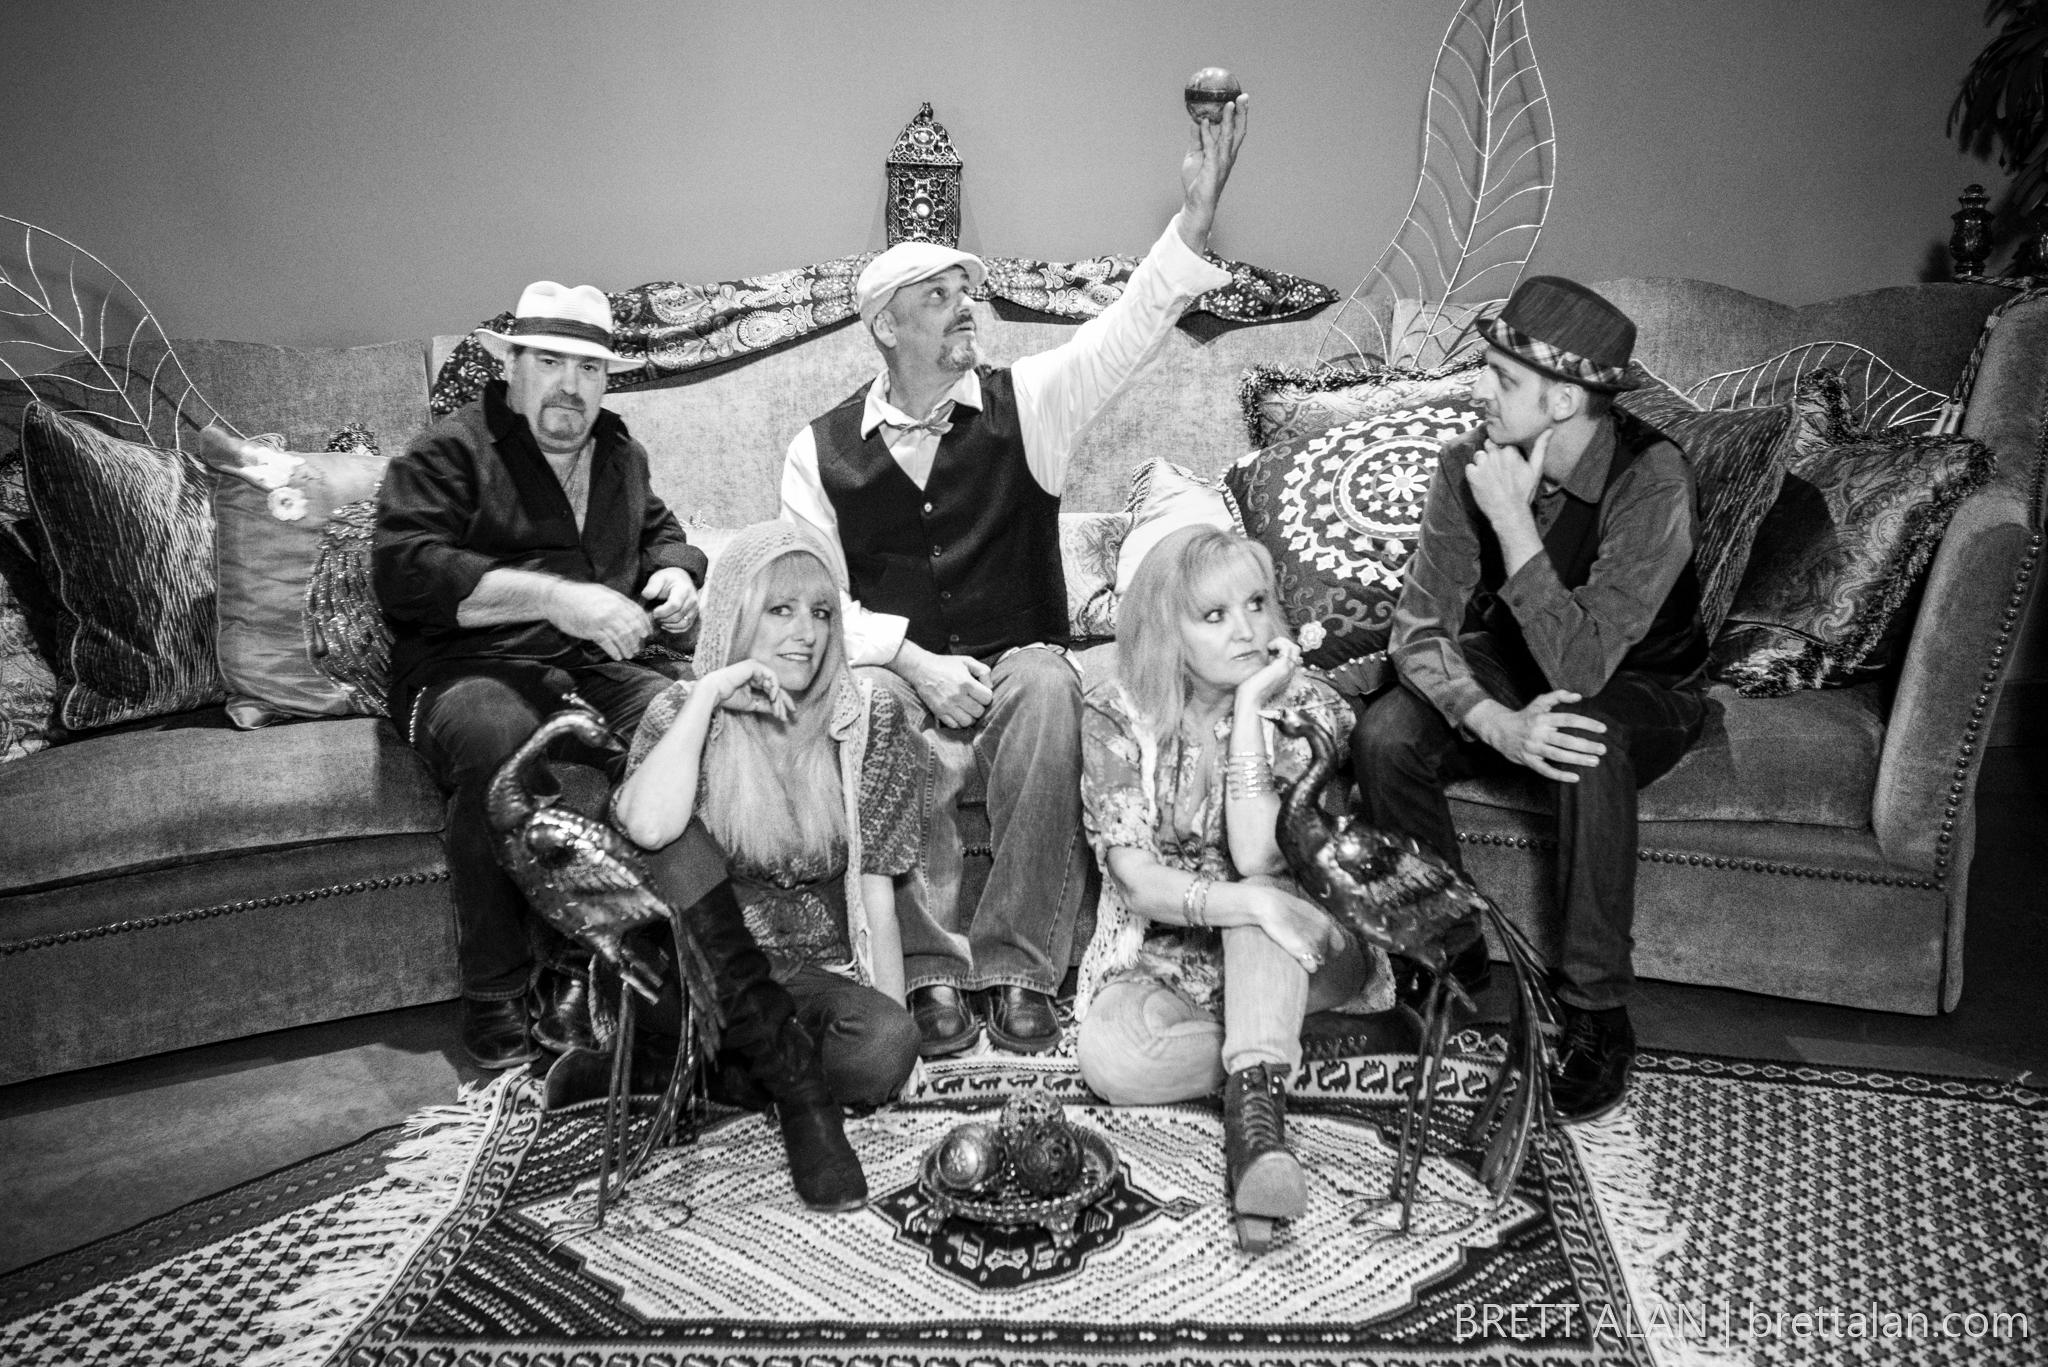 Little-Lies-Band-Fleetwood-Mac-Tribute-Band